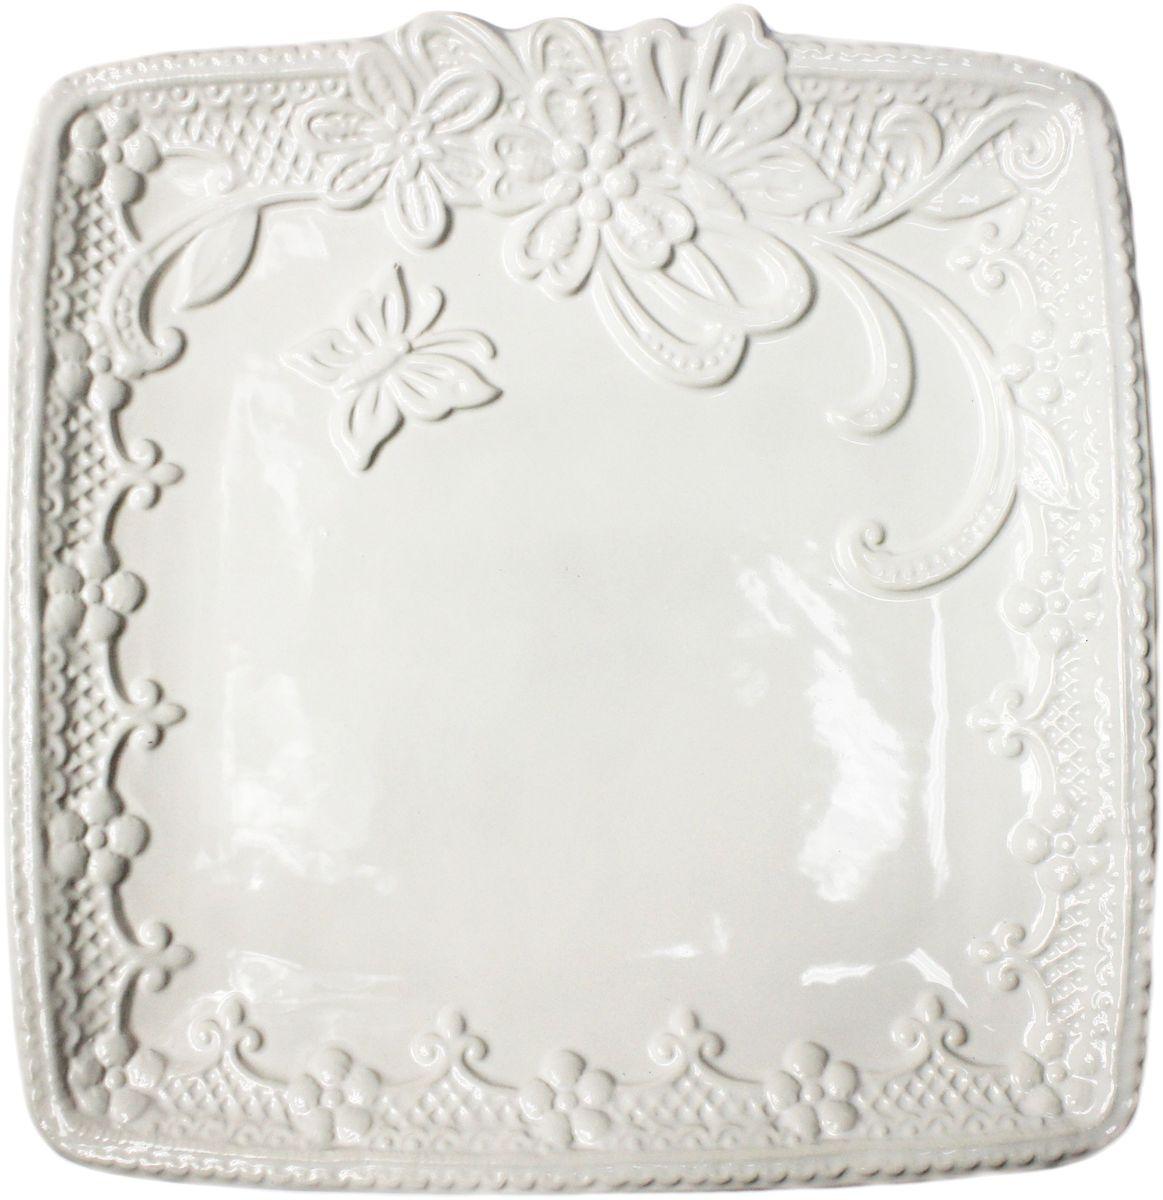 Тарелка Vetta Бабочка, квадратная, 25 х 25 смVT-1520(SR)Тарелка Бабочка, выполненная из высококачественной керамики белого цвета, украшена рельефным рисунком в виде узоров, бабочек и цветов. Такая тарелка прекрасно подойдет как для торжественных случаев, так и для повседневного использования. Идеальна для подачи вторых блюд. Тарелка Бабочка прекрасно оформит стол и станет отличным дополнением к вашей коллекции кухонной посуды.